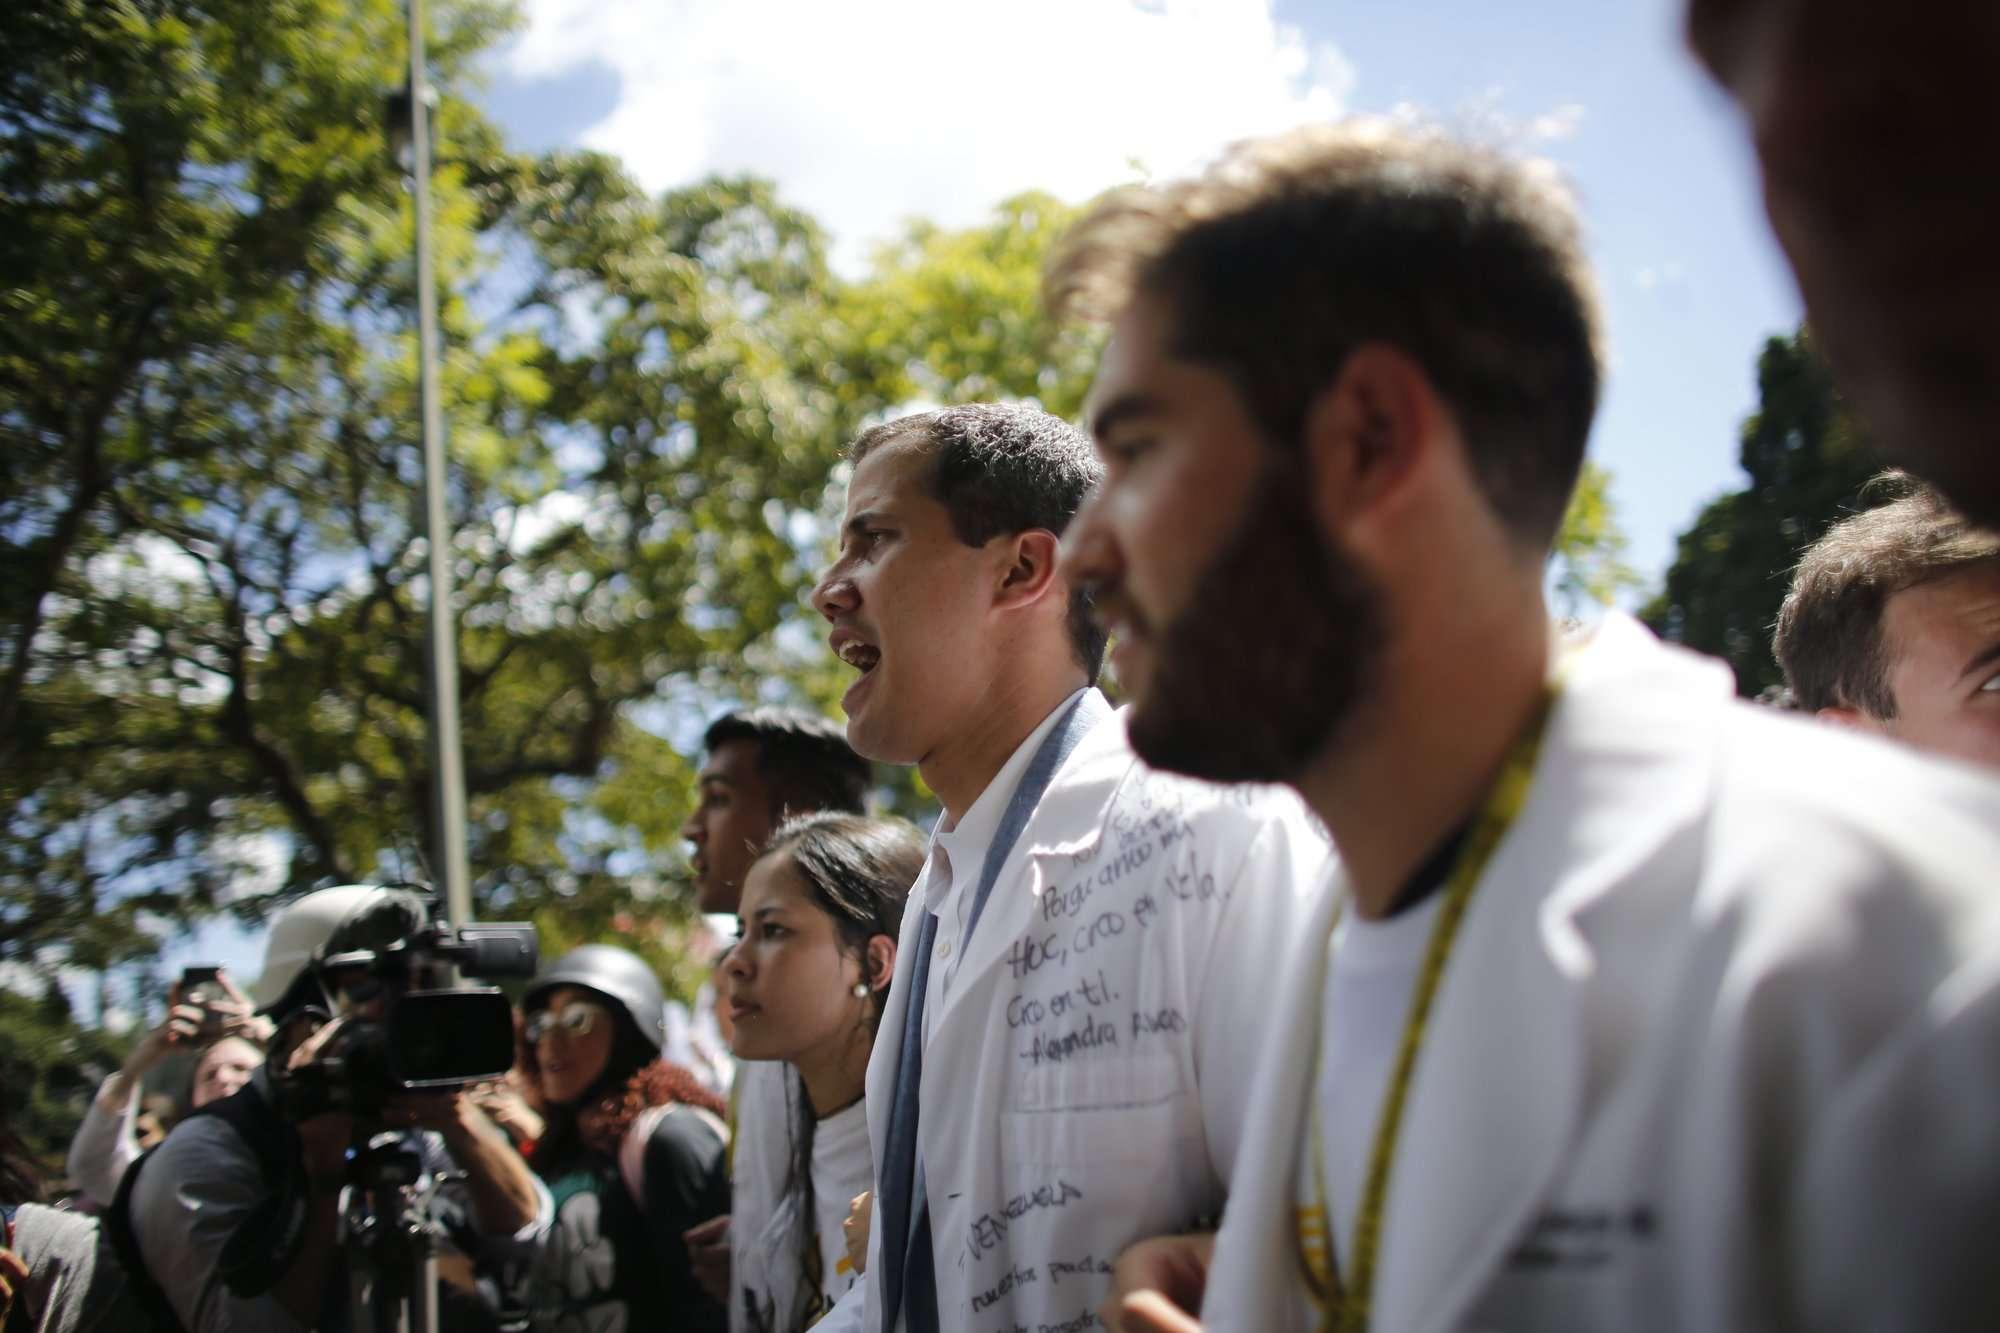 El presidente de la Asamblea Nacional de oposición, Juan Guaido, quien se declaró a sí mismo presidente interino de Venezuela, participa en una caminata contra el presidente Nicolás Maduro, en Caracas, Venezuela. AP